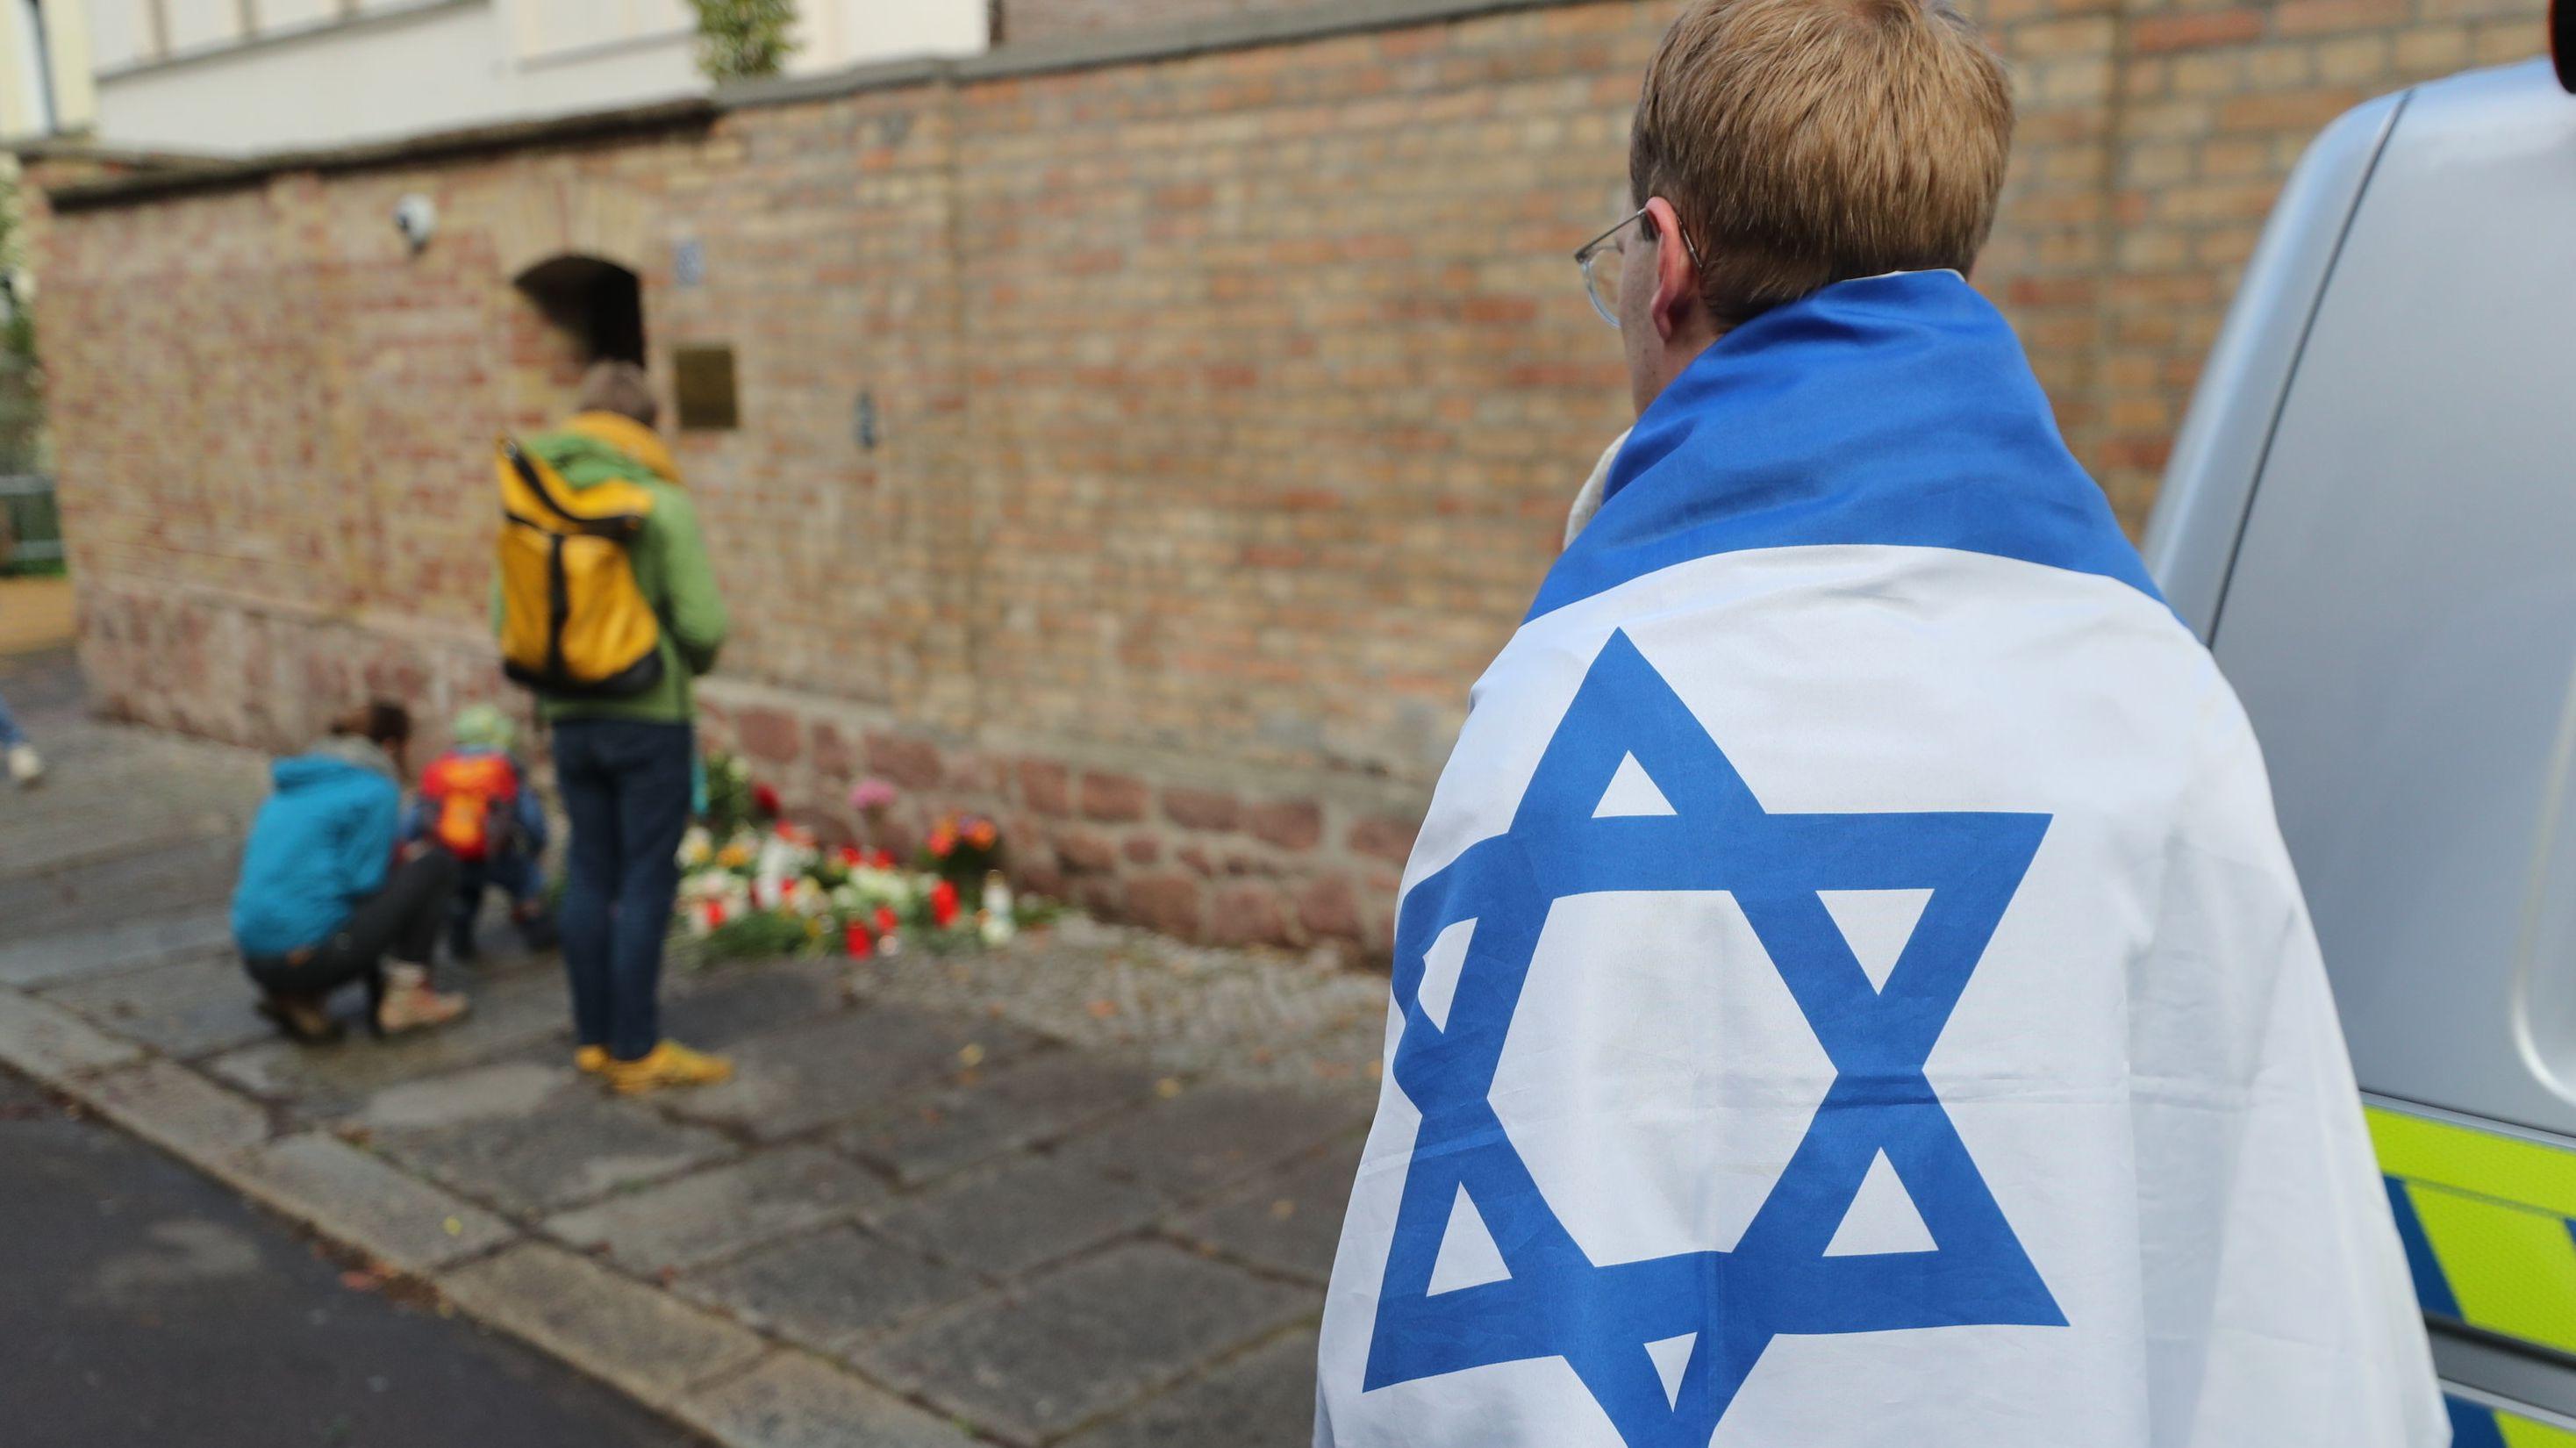 10.10.2019, Sachsen-Anhalt, Halle: Ein Mann mit einer Israel-Flagge vor der Synagoge. Bei Angriffen mitten in Halle an der Saale in Sachsen-Anhalt sind gestern vor einer Synagoge und in einem Döner-Imbiss zwei Menschen erschossen worden.